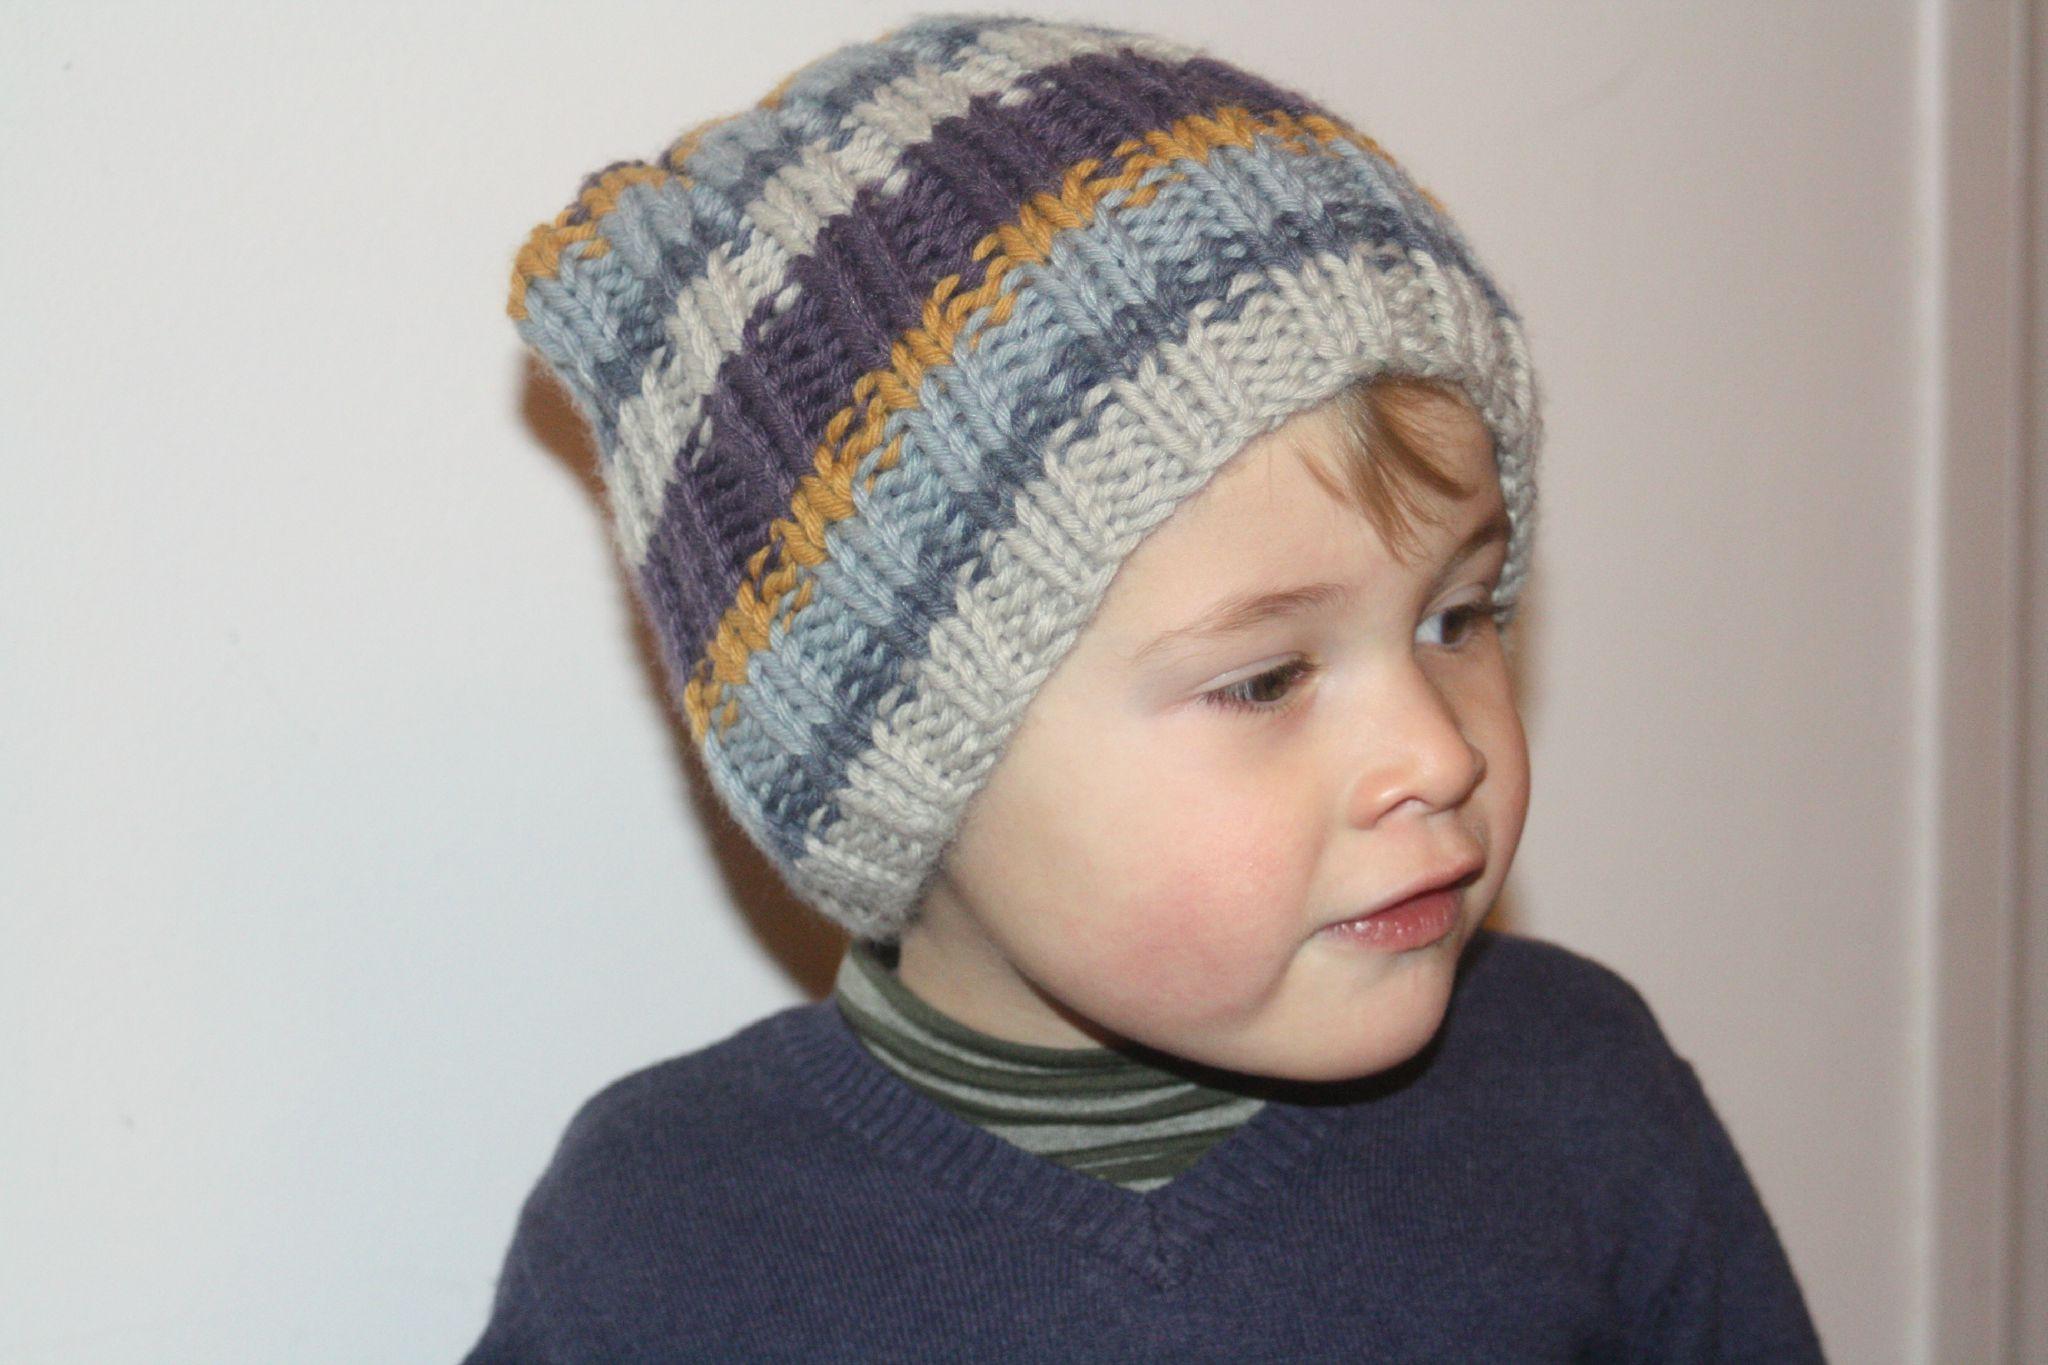 1b24722b80e17 Tuto tricot bonnet bebe 6 mois - Idées de tricot gratuit